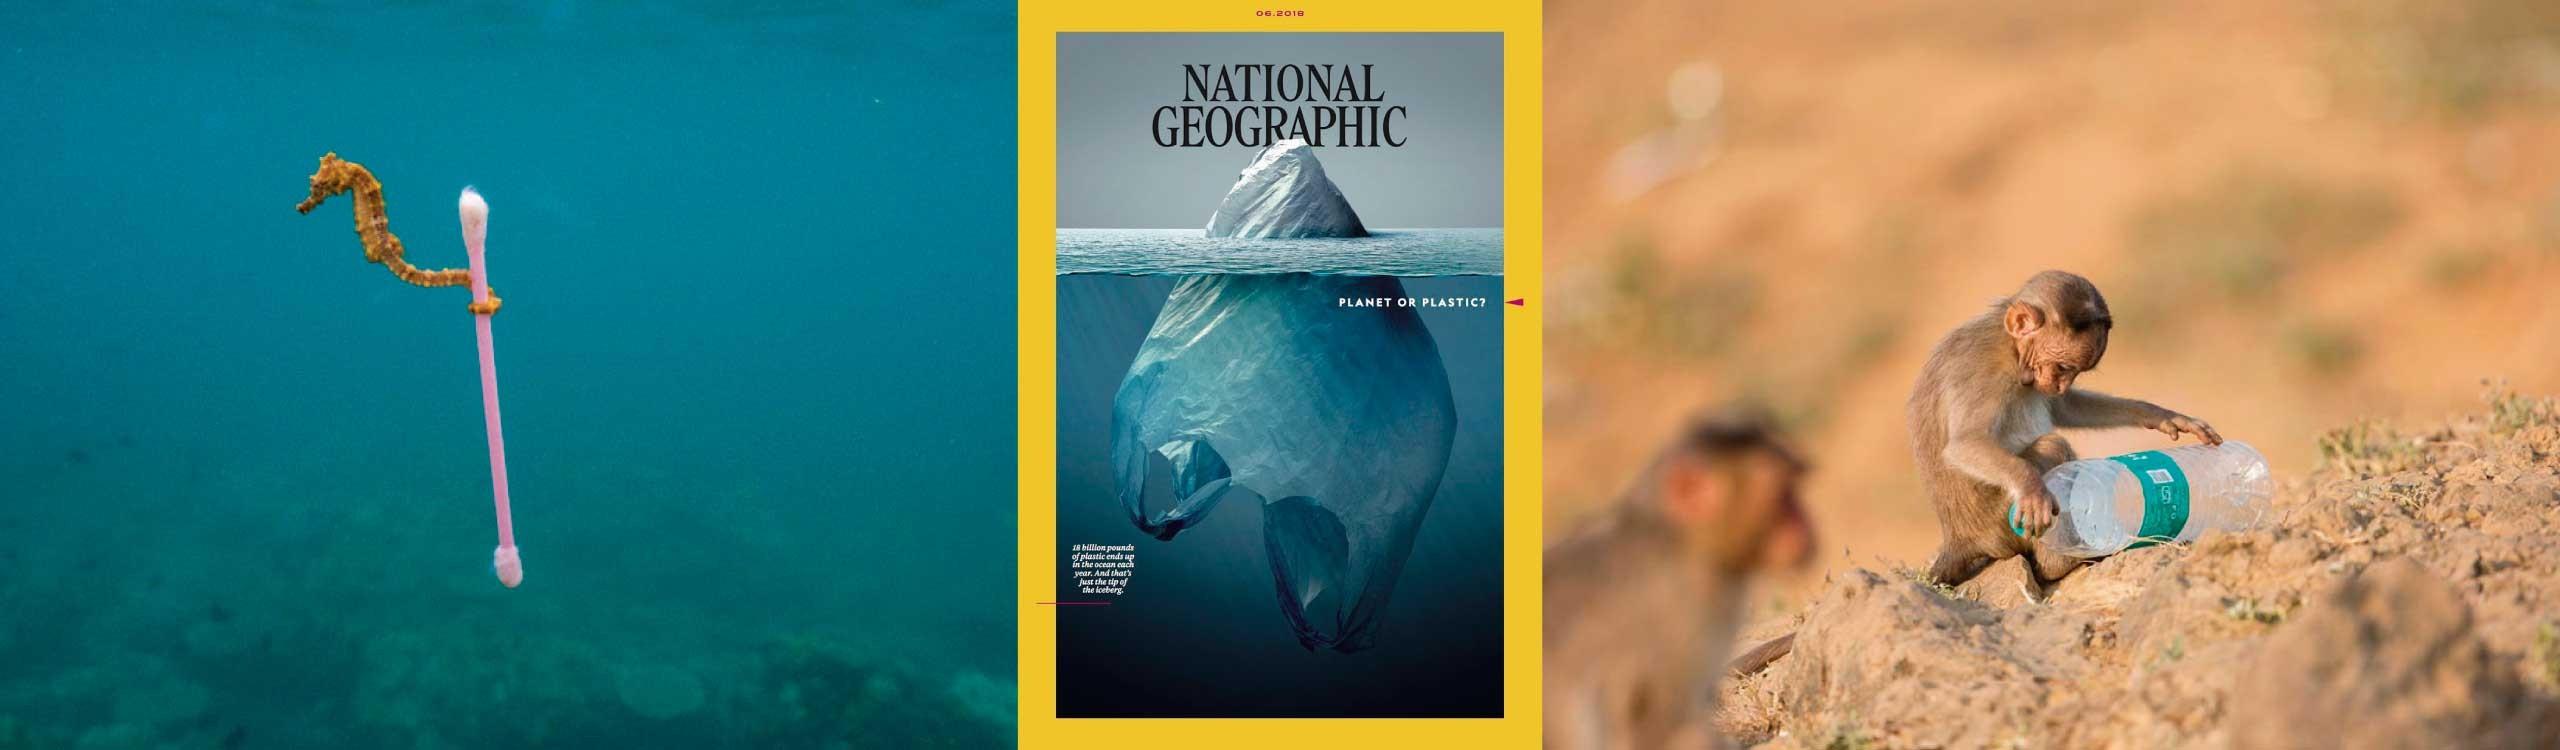 crisis-del-plastico-national-geographic-mis-gafas-de-pasta-destacado